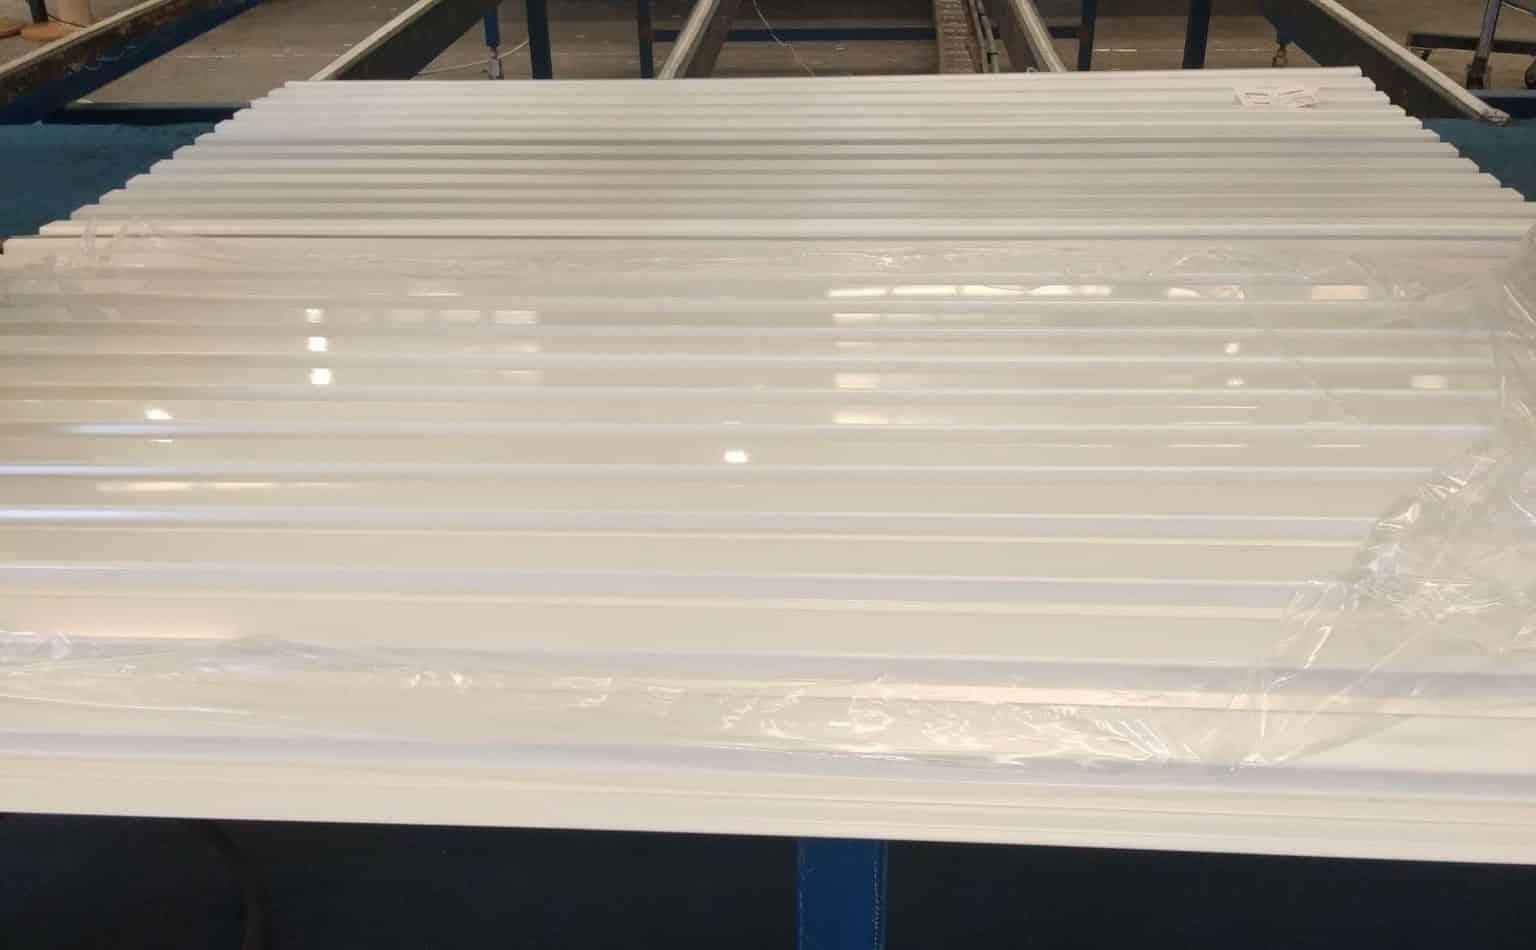 Hamptons White Roller Garage Door during manufacturing process